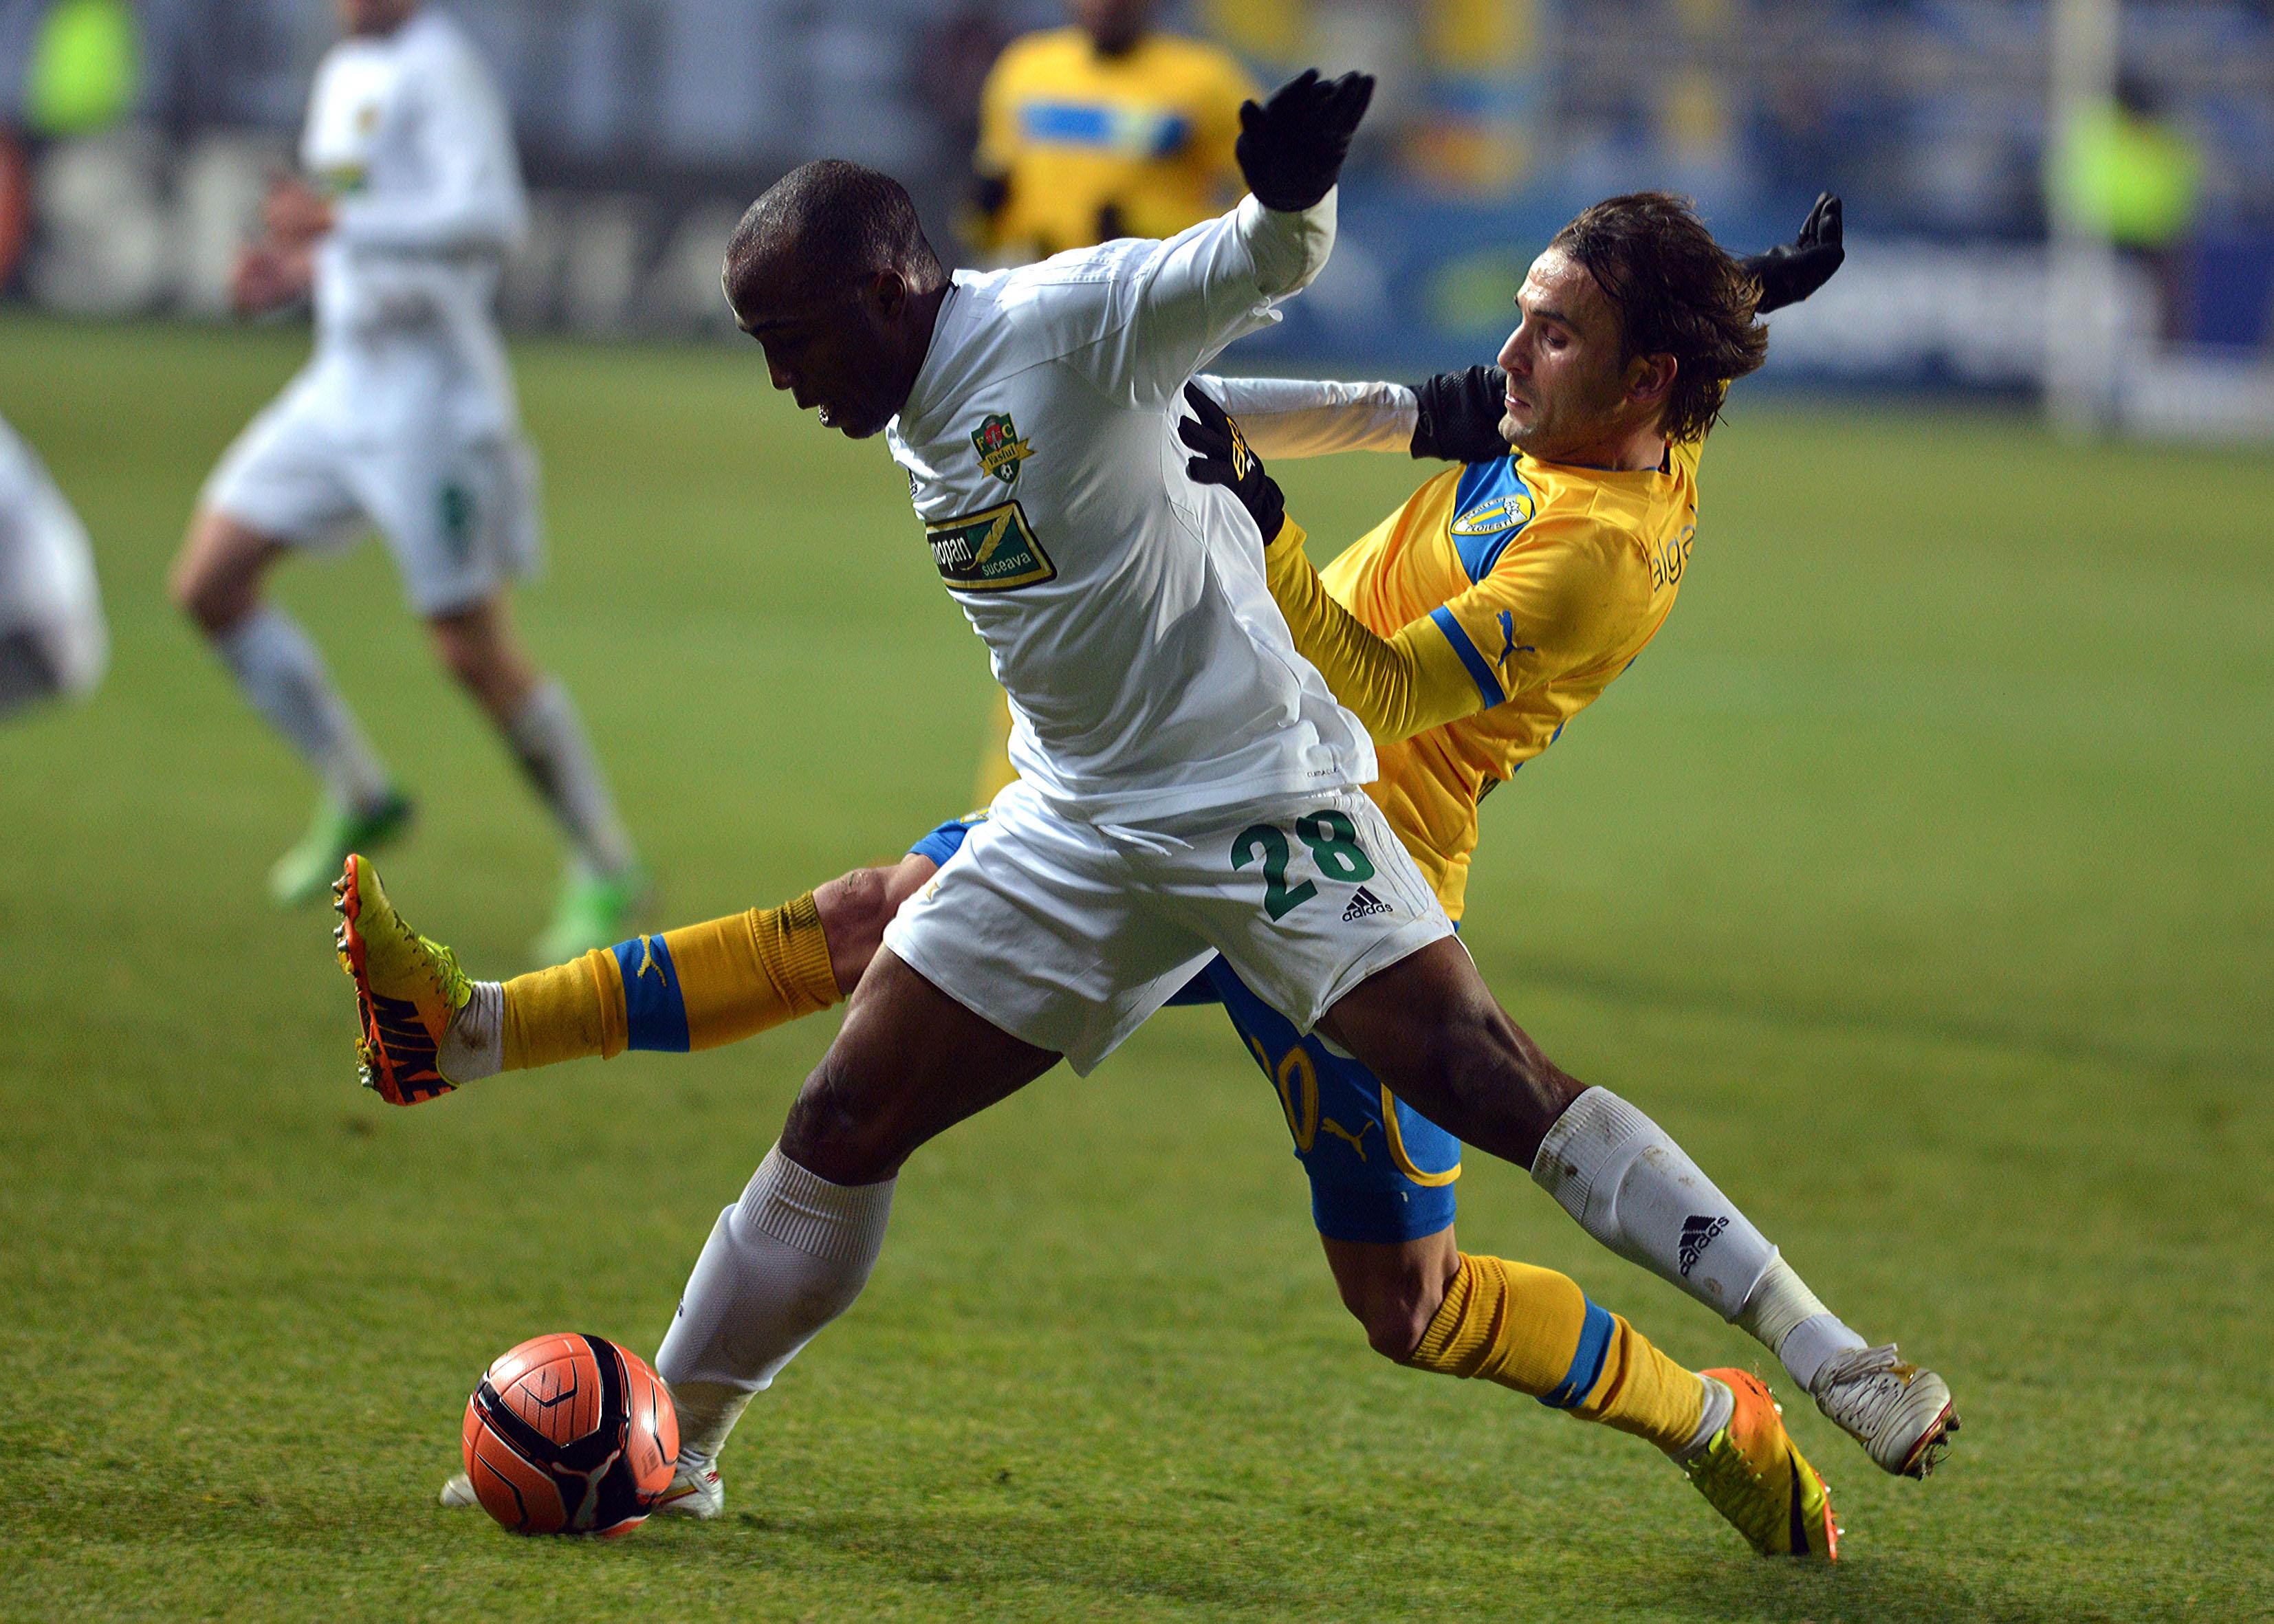 2.FOTBAL:FC PETROLUL PLOIESTI-FC VASLUI, CUPA ROMANIEI TIMISOREANA (4.12.2013)